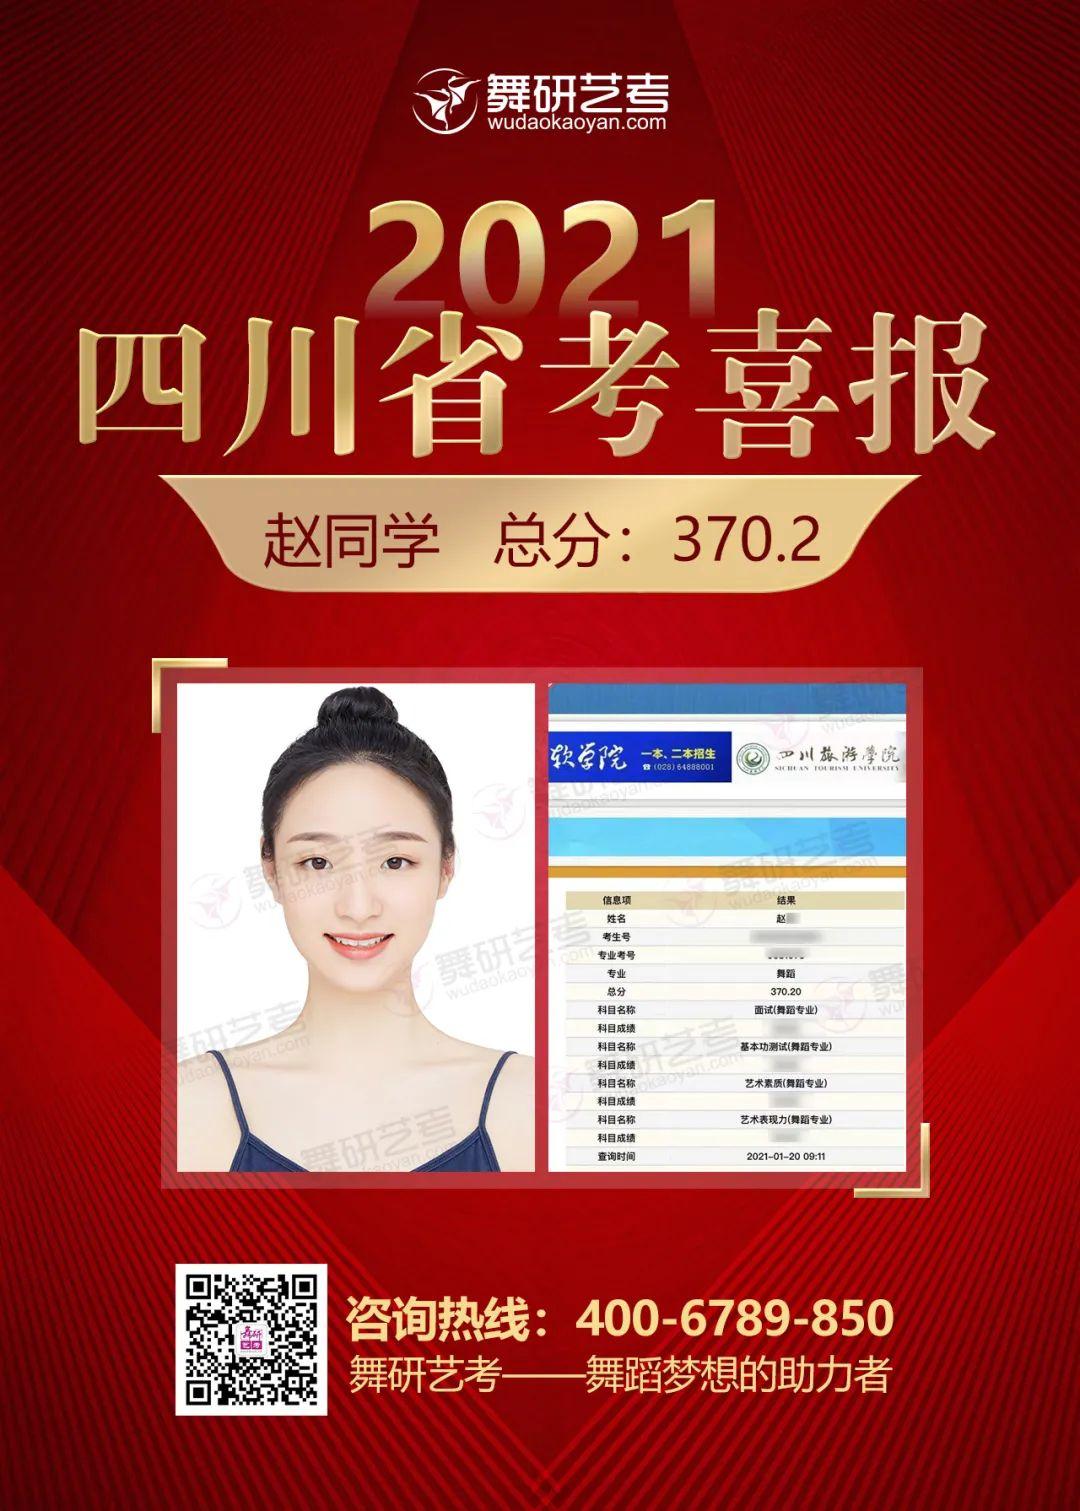 2021年四川舞蹈省考,舞研艺考再创辉煌!最高393.2分,预计包揽前三!全员均高分过线!